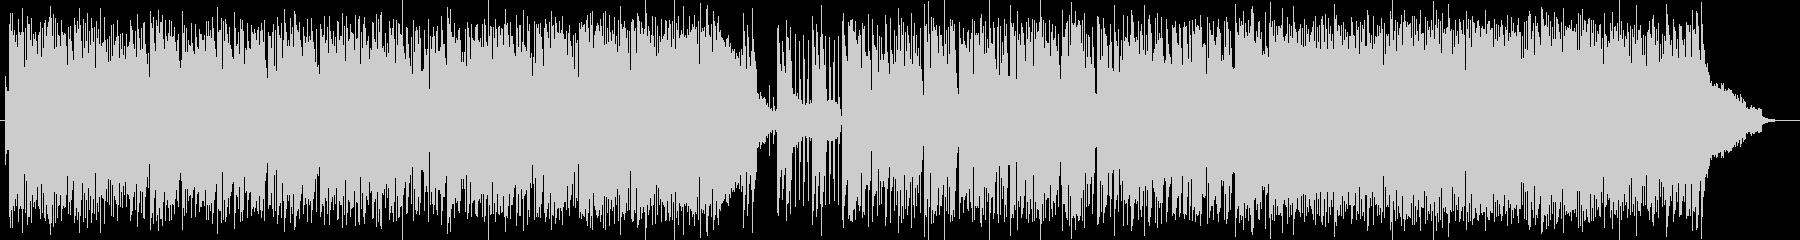 ハーモニカによるポップスの未再生の波形